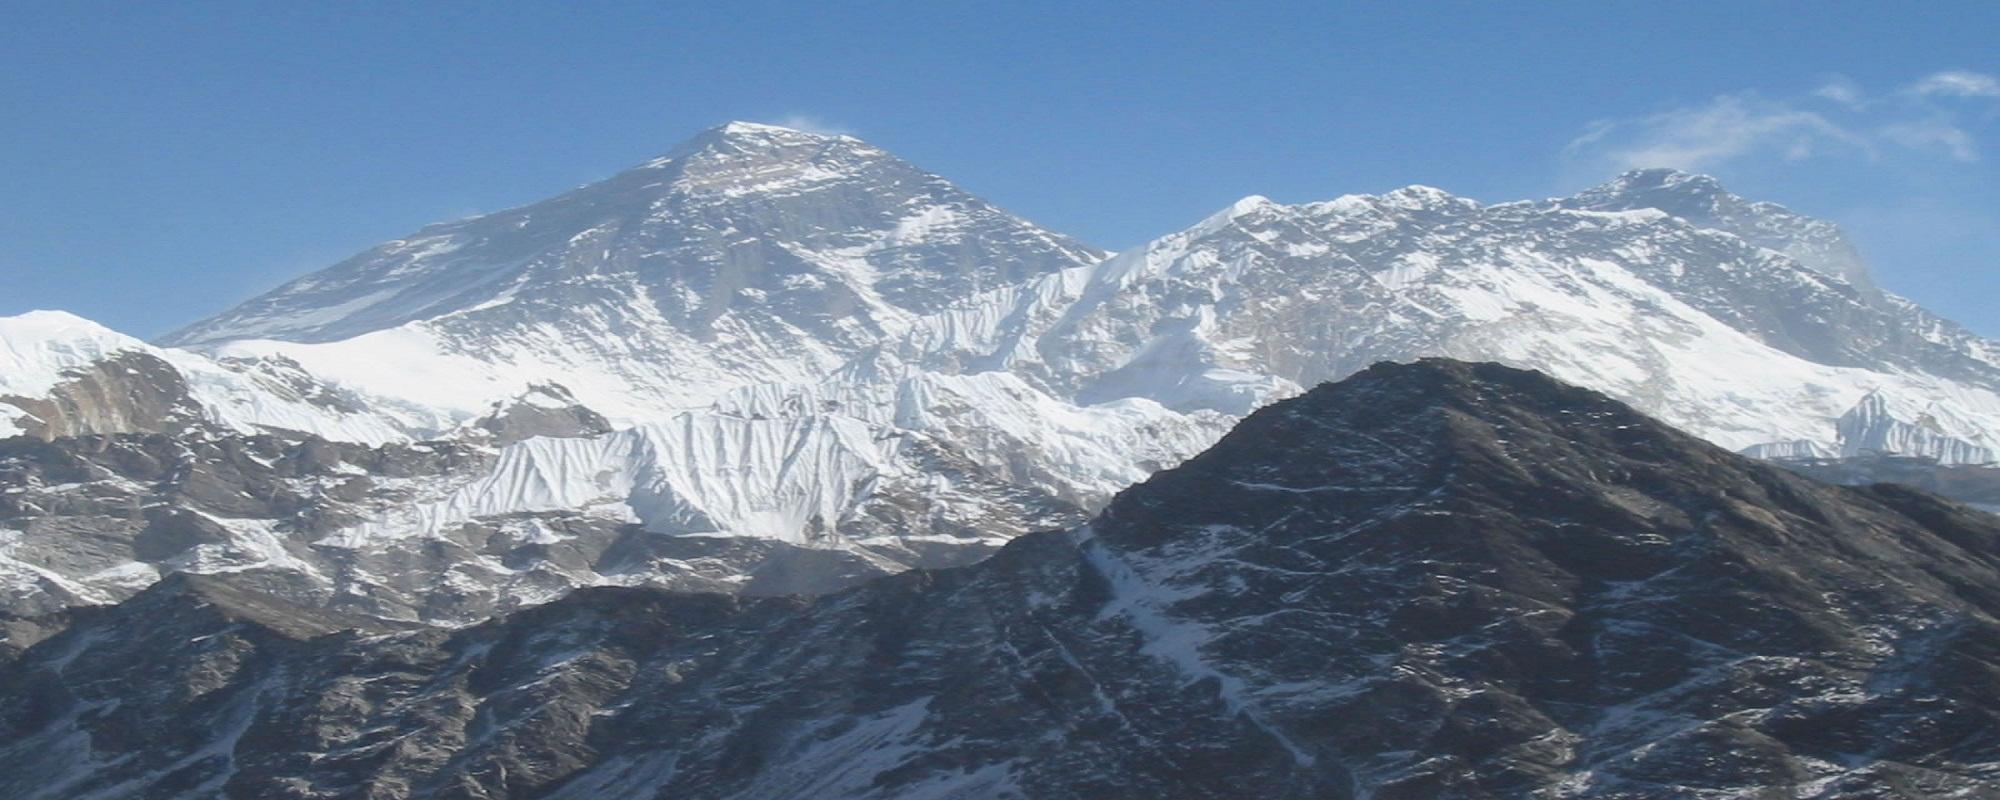 Jiri to Everest Base Camp